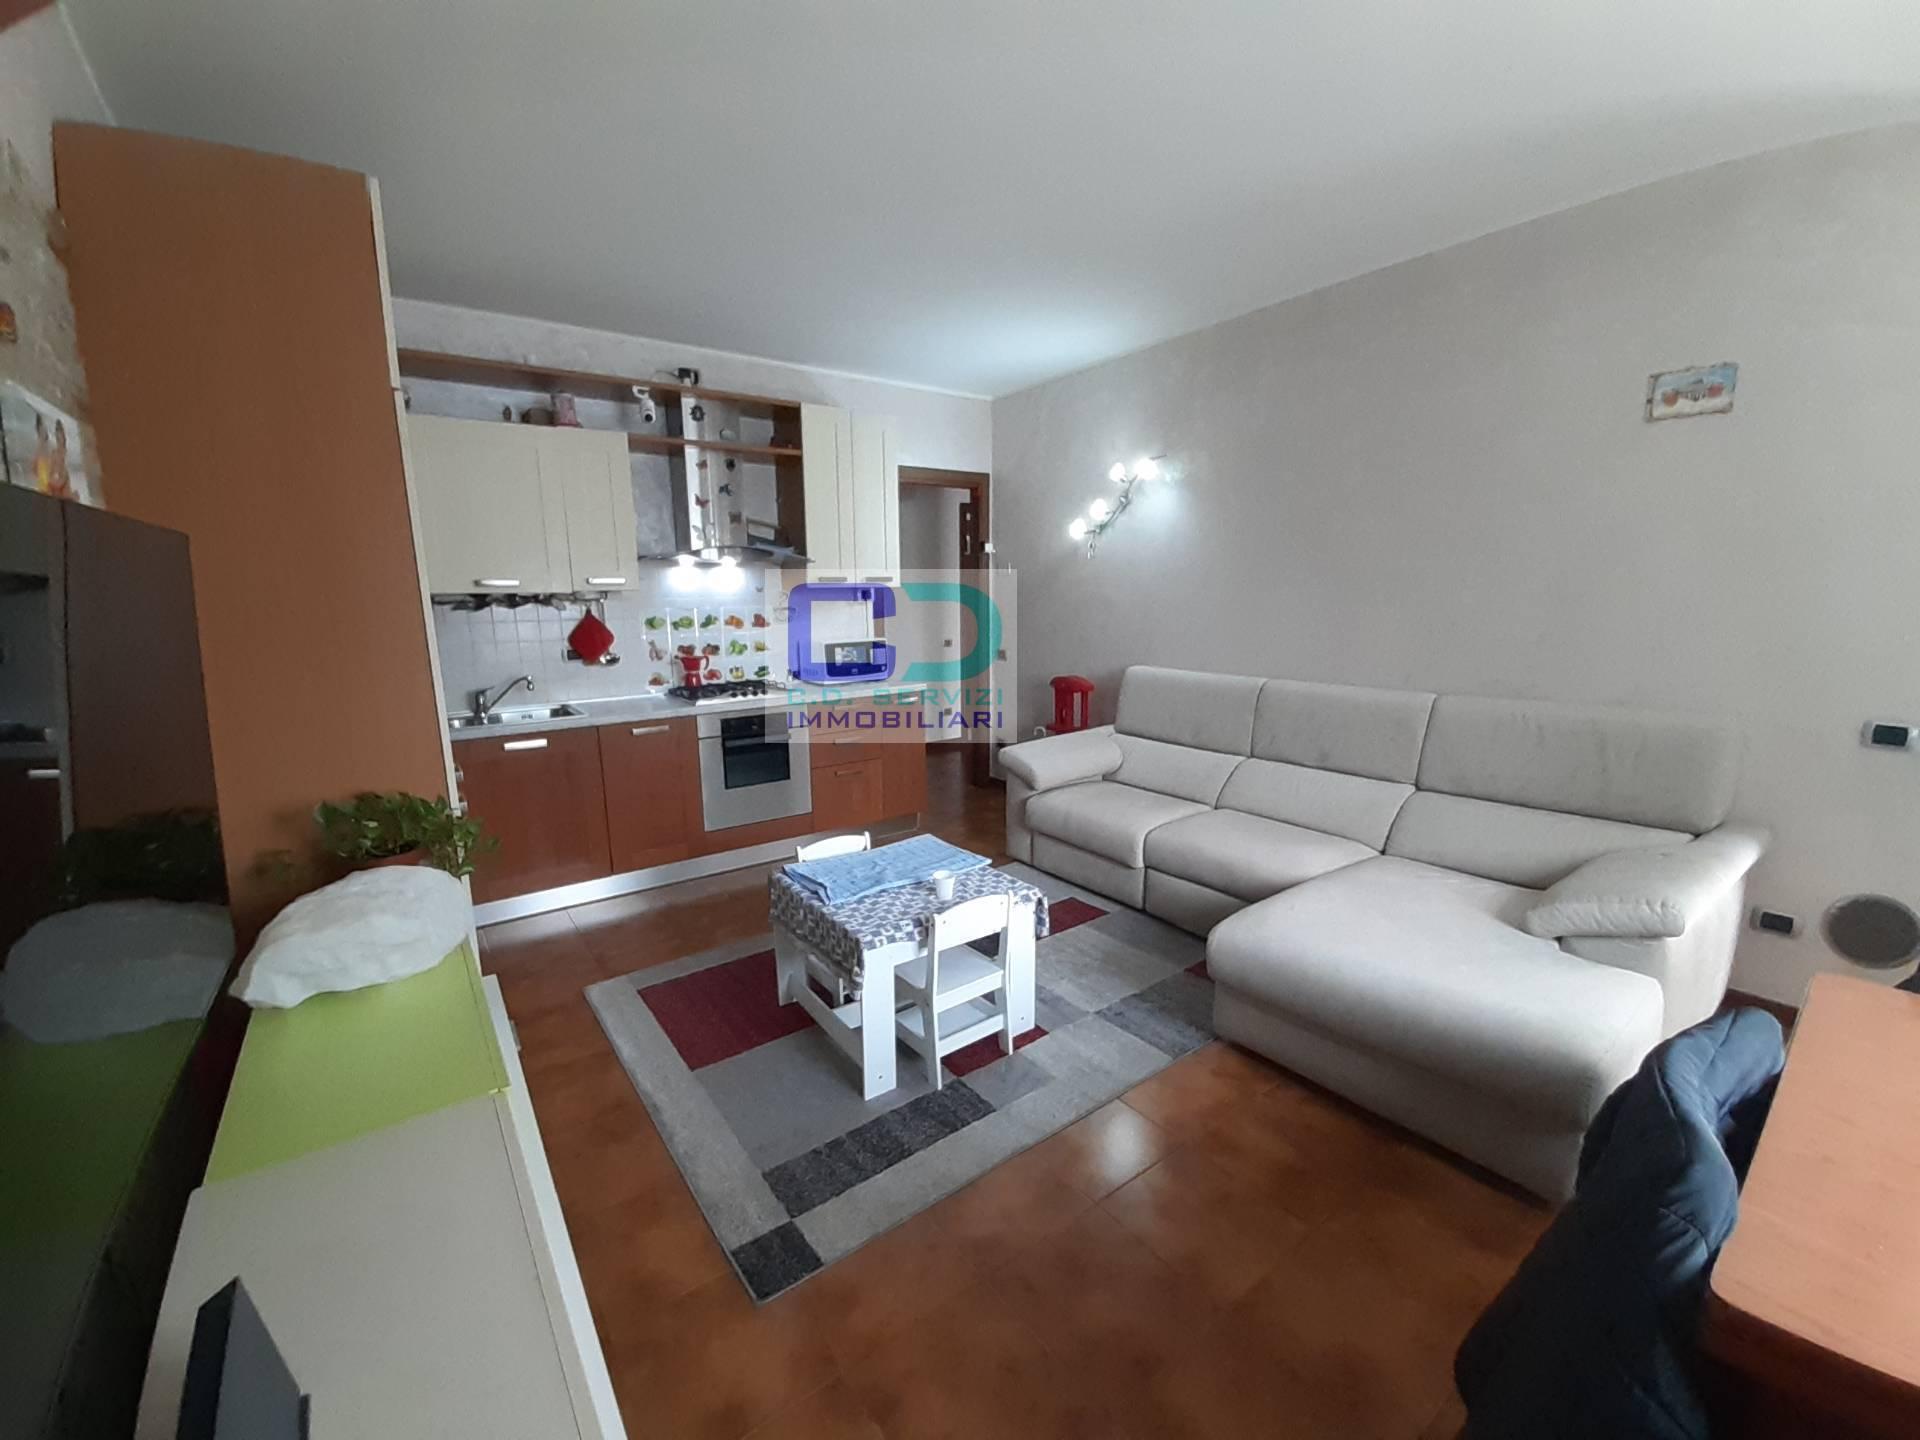 Appartamento in vendita a Cassano d'Adda, 3 locali, prezzo € 123.000 | PortaleAgenzieImmobiliari.it